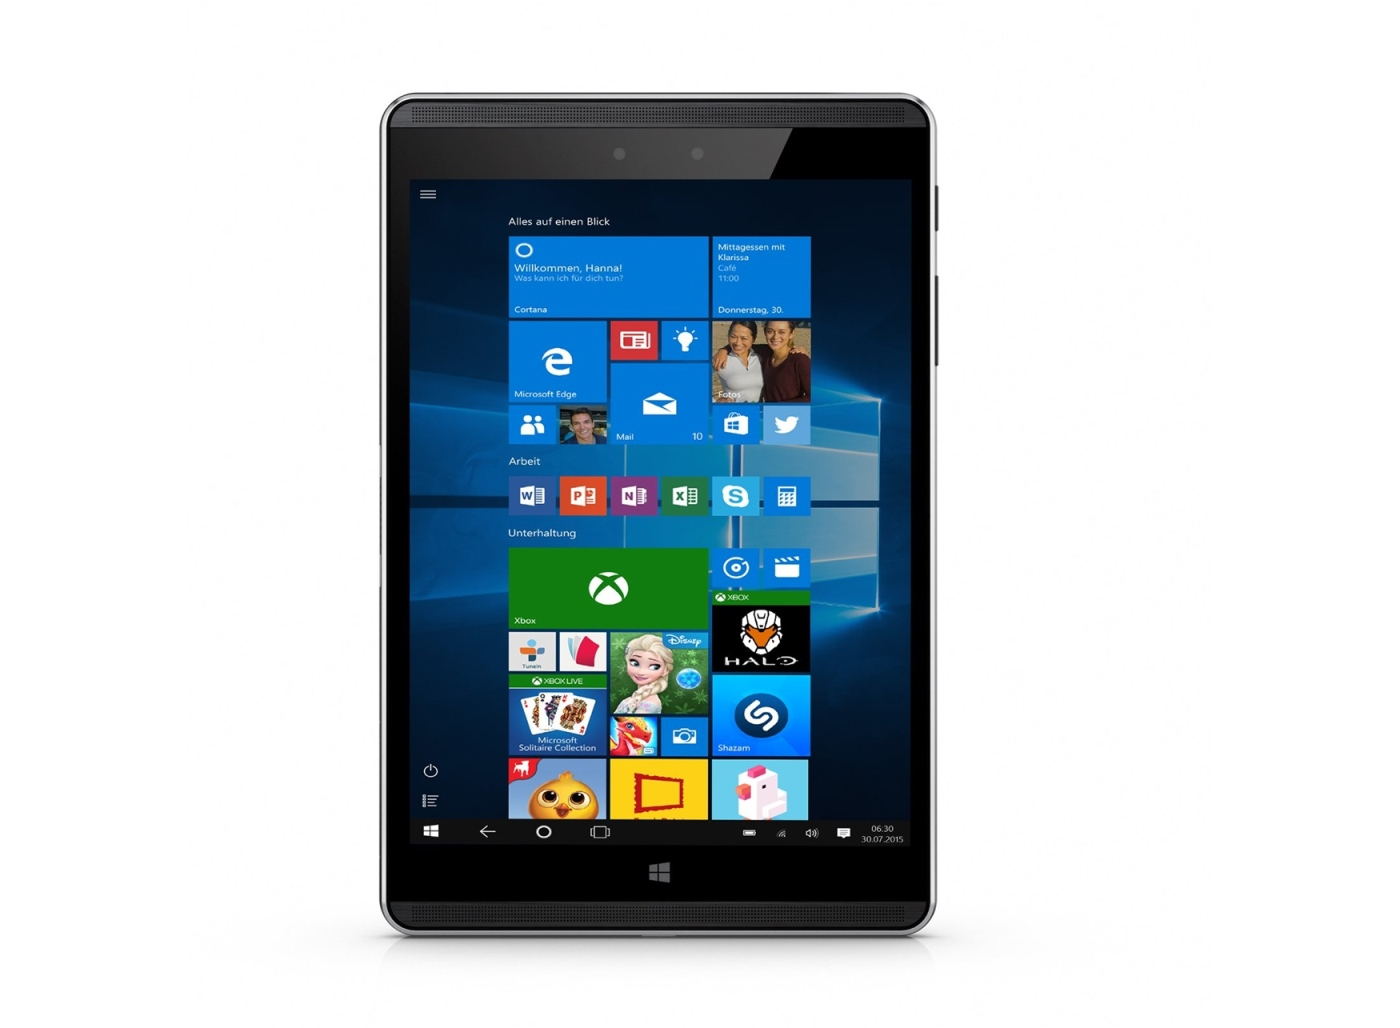 """HP Pro Tablet 608 G1 Z8550 7.86"""" QXGA (2048x1536), 4GB, 128GB, ac, BT, NFC, LTE/GPS, Win 10 Pro + pen"""